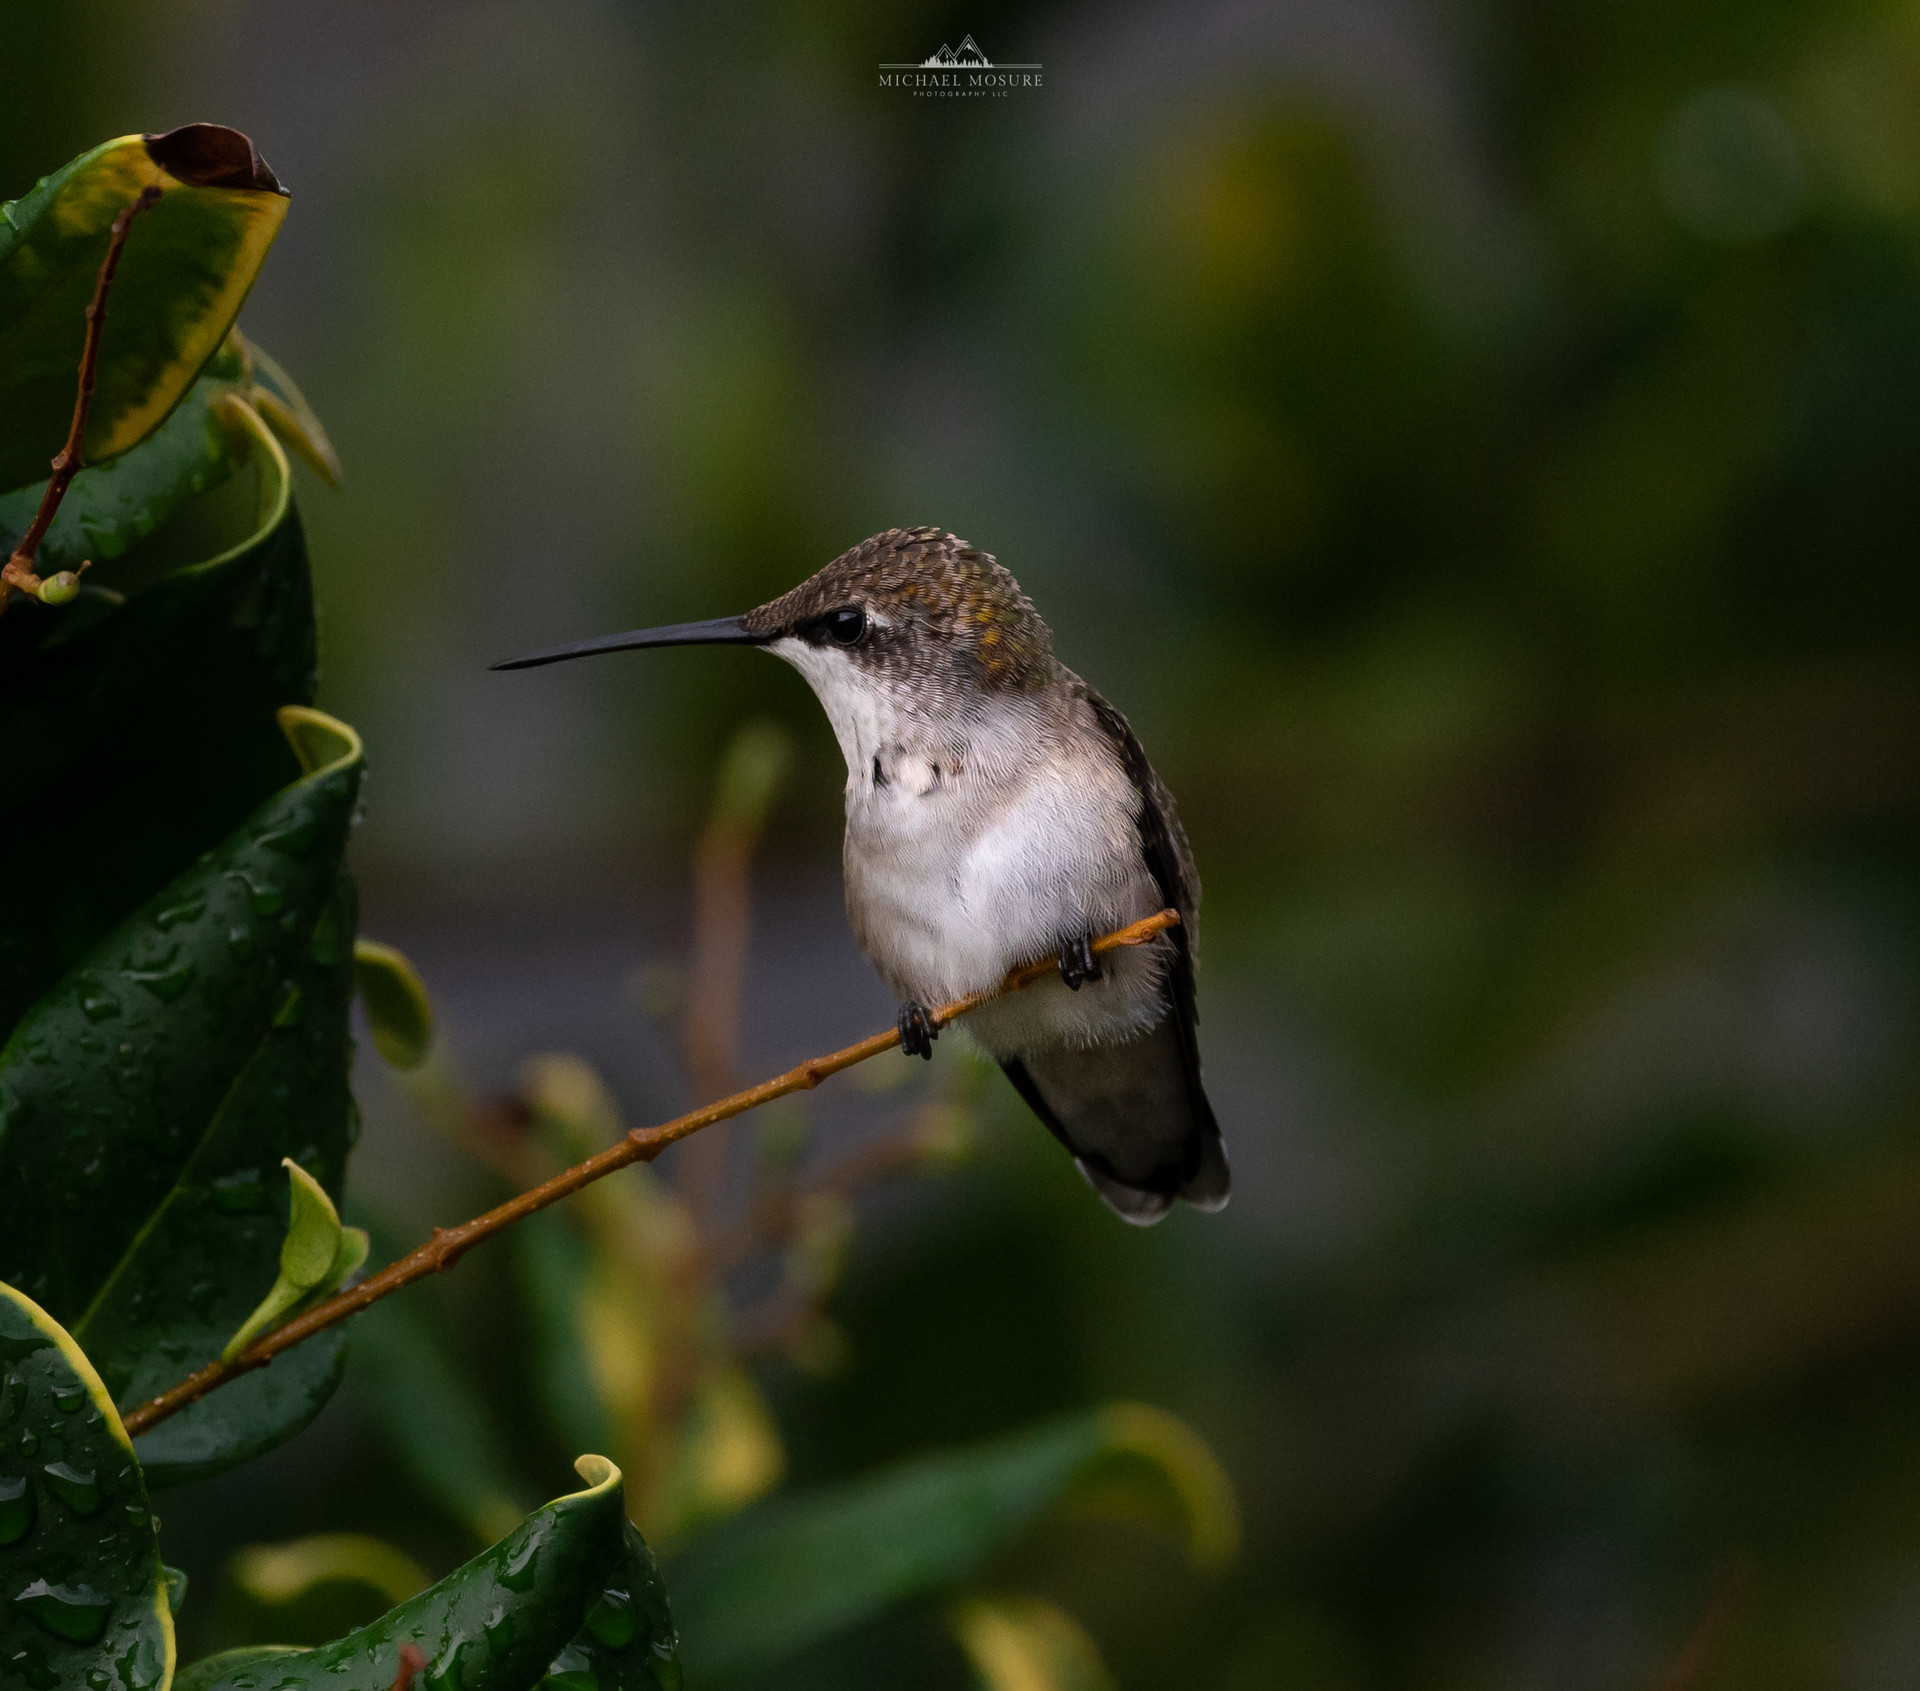 Perched Humminbird